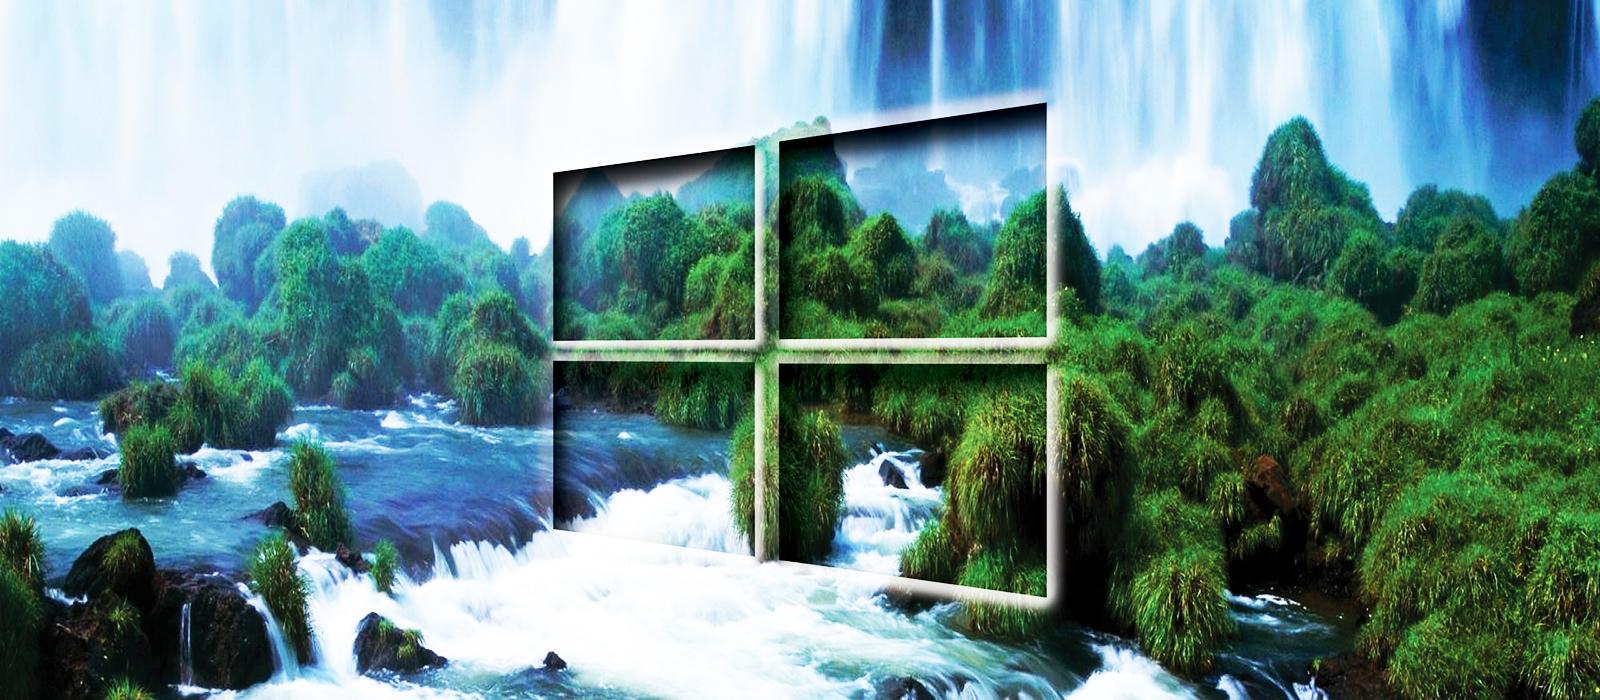 Unglaubliches Angebot: Windows 10 Lifetime-Lizenz verkauft zum besten Preis mit bis zu 91 % Rabatt